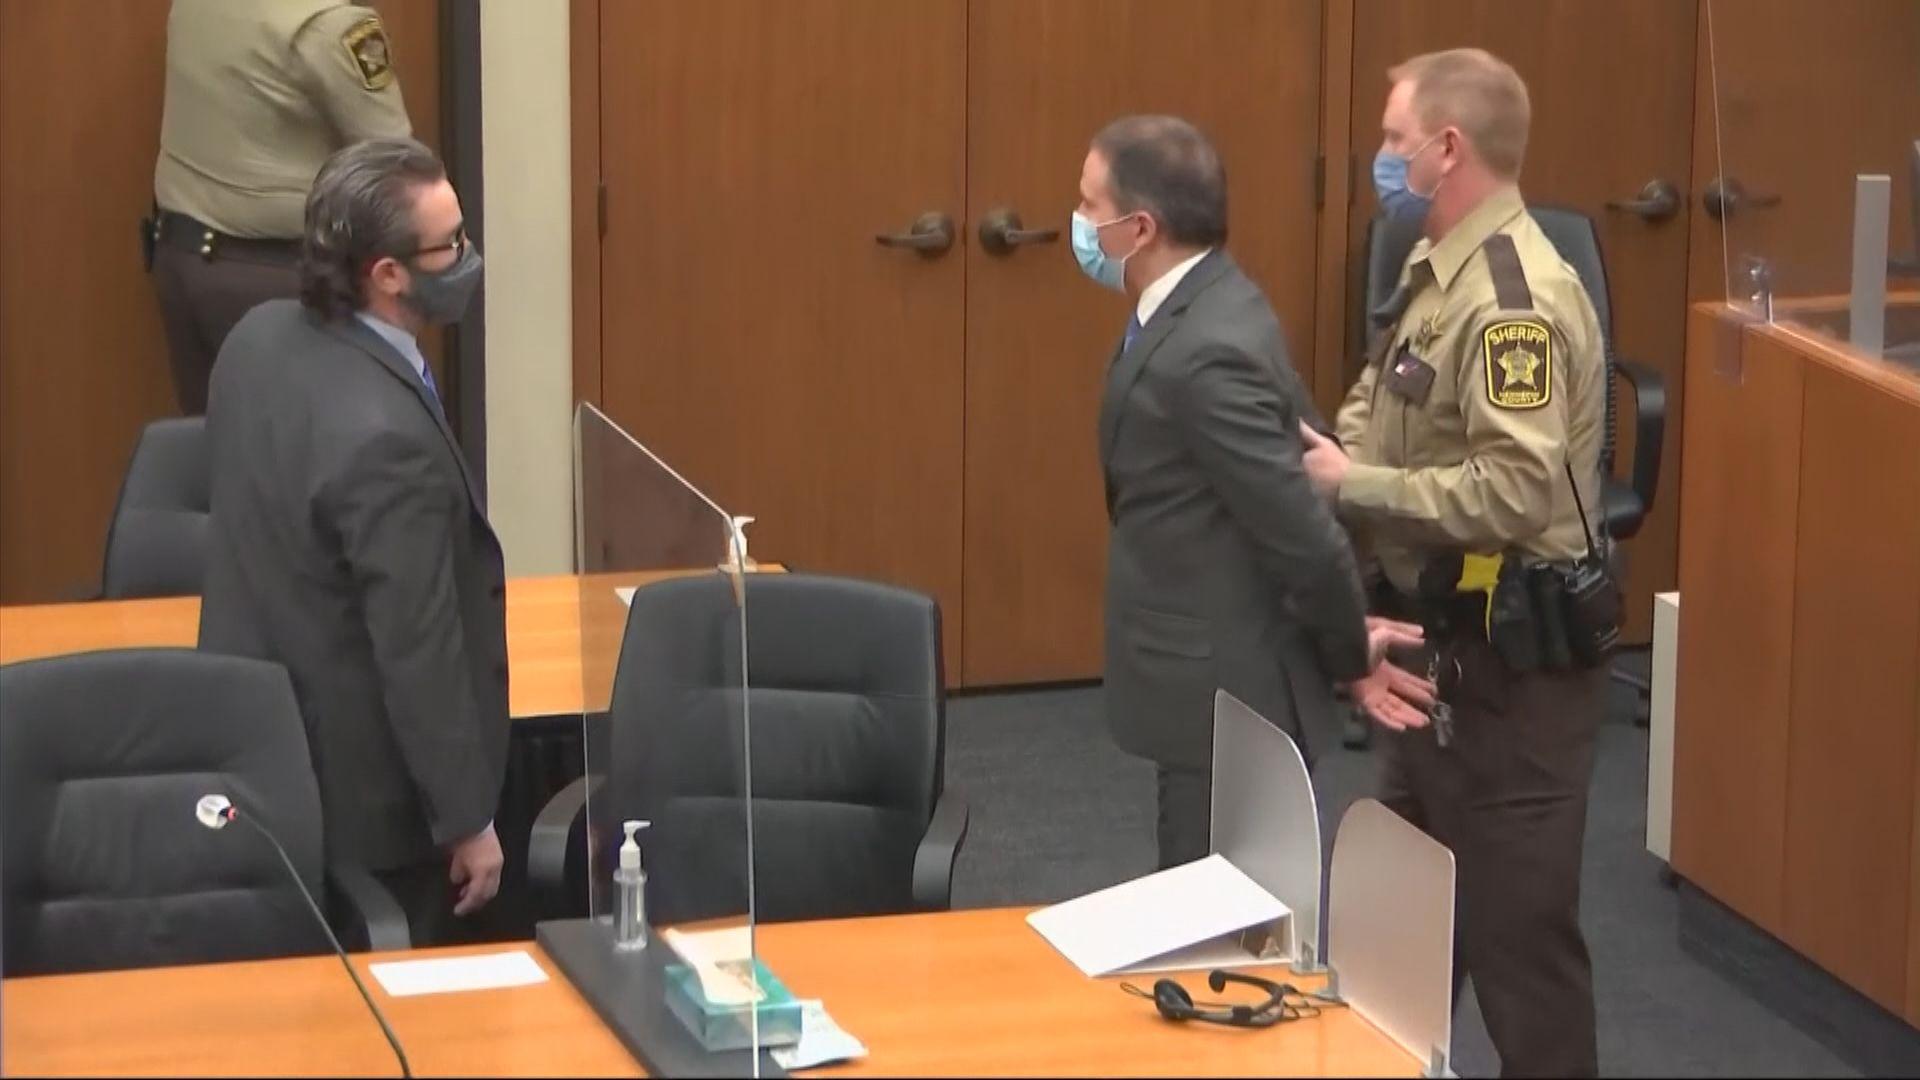 拜登:弗洛伊德案裁決是邁向公義一大步